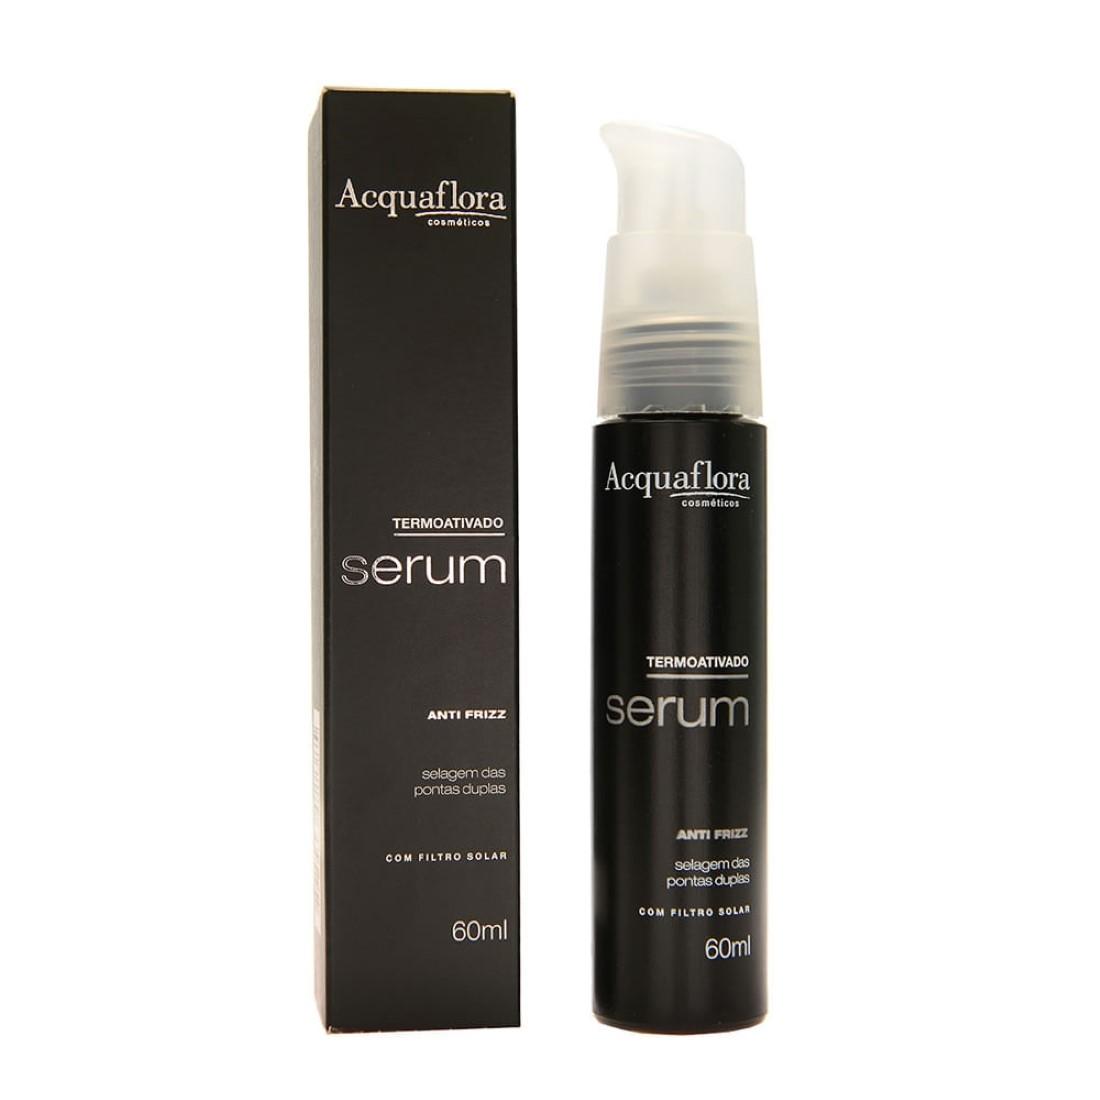 Termoativado Serum Anti Frizz com Filtro Solar 60ml - Acquaflora